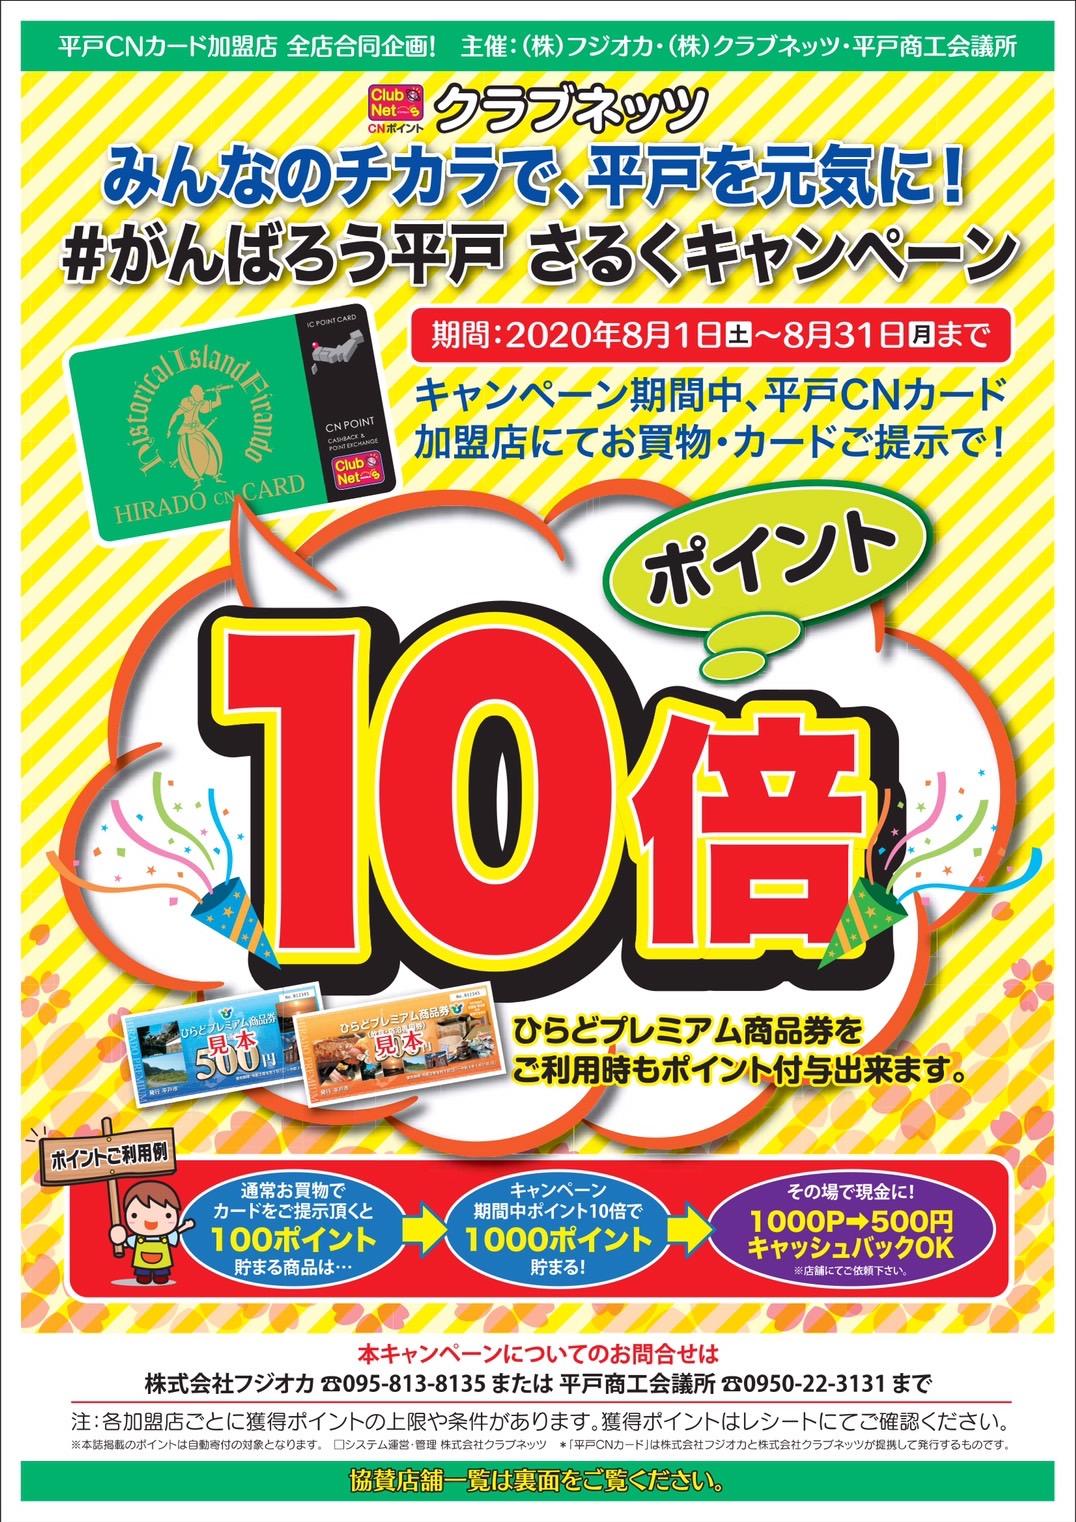 平戸CNカード加盟店 全店合同企画!いよいよ明日8/1(土)スタート★